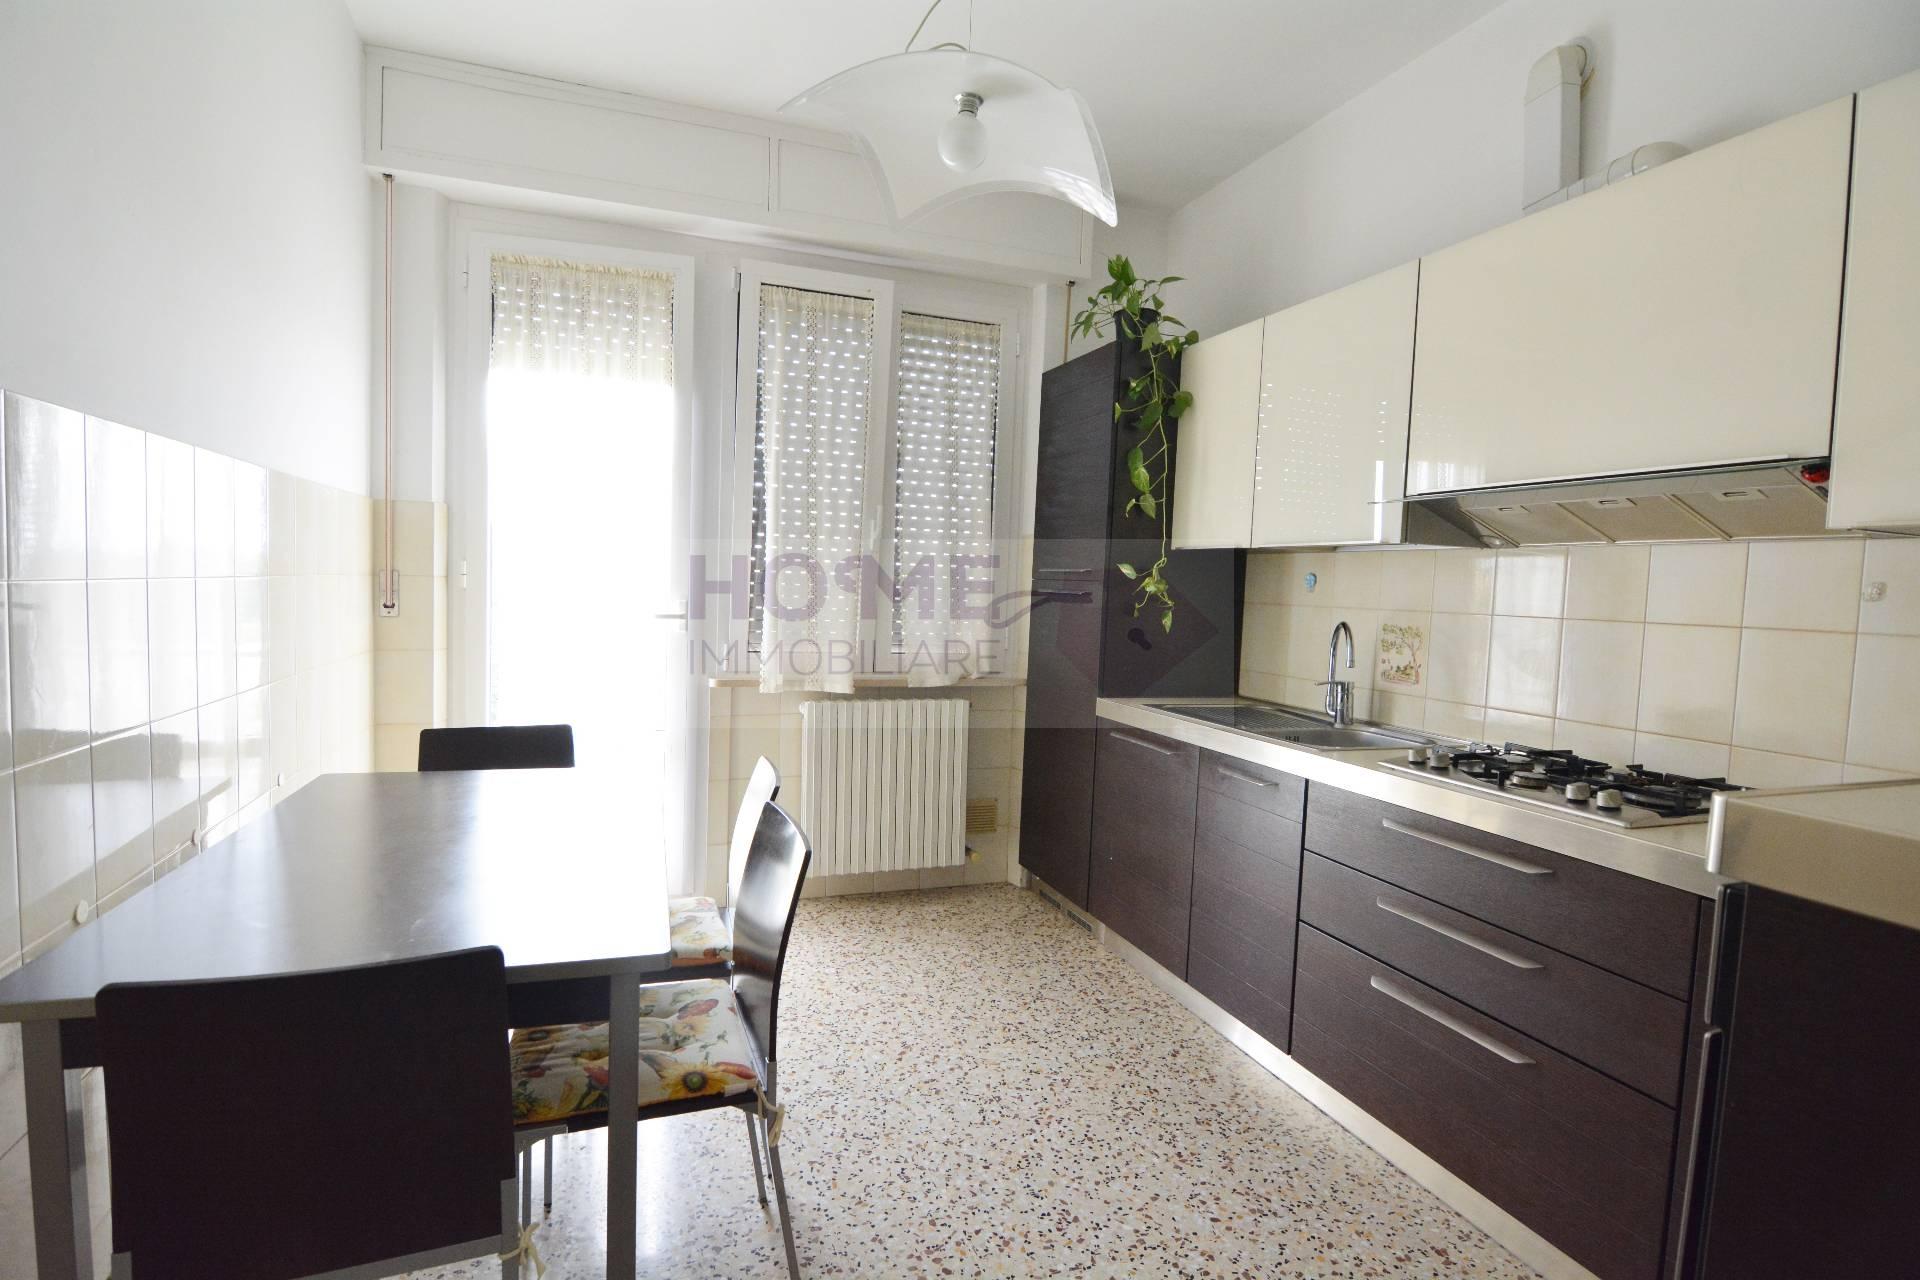 Appartamento in vendita a Macerata, 6 locali, zona Zona: Sforzacosta, prezzo € 105.000 | CambioCasa.it